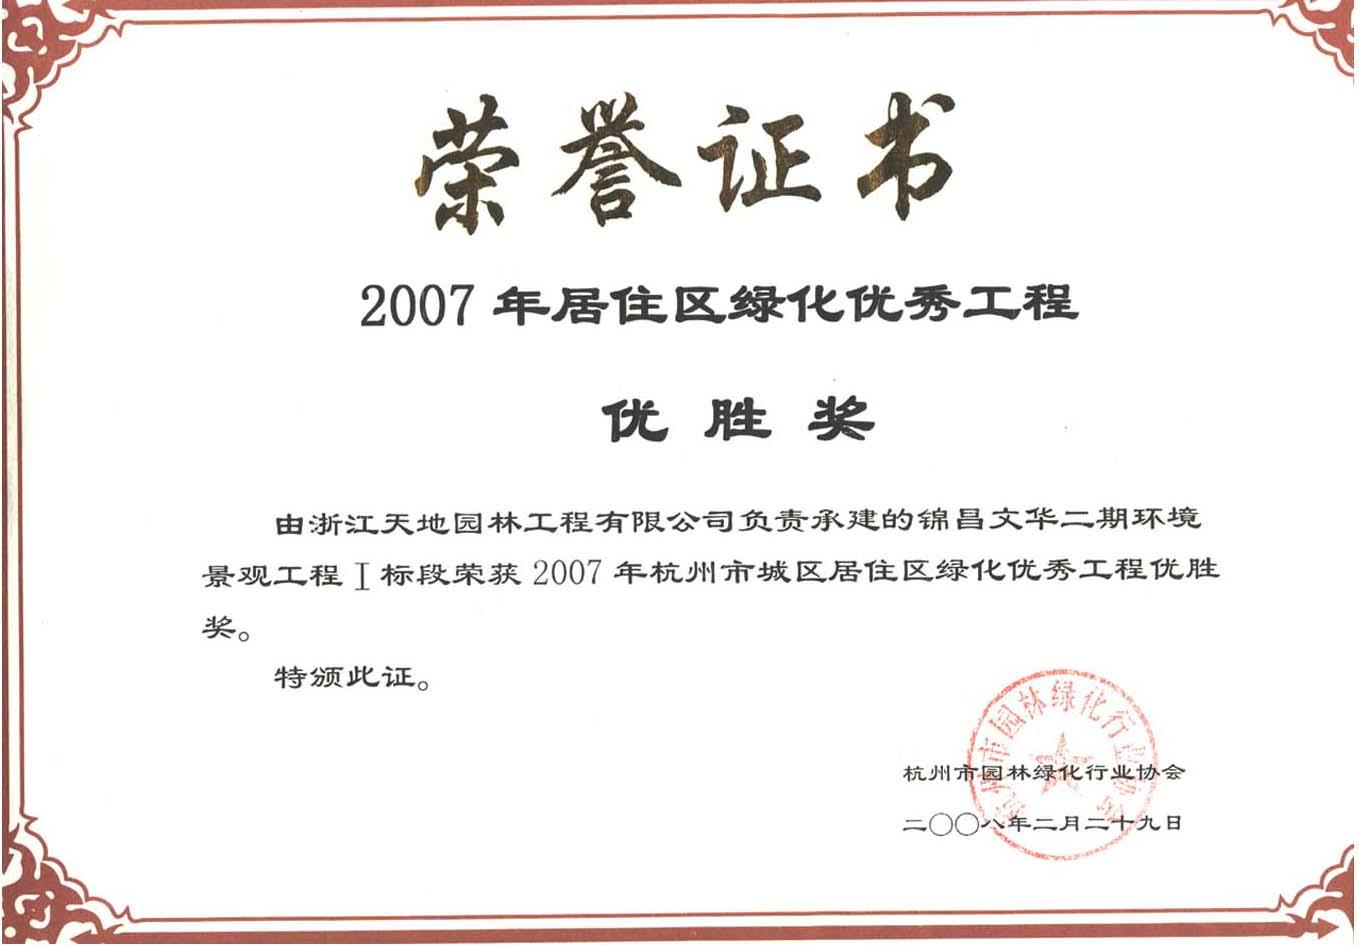 浙江天地园林工程有限公司-企业荣誉